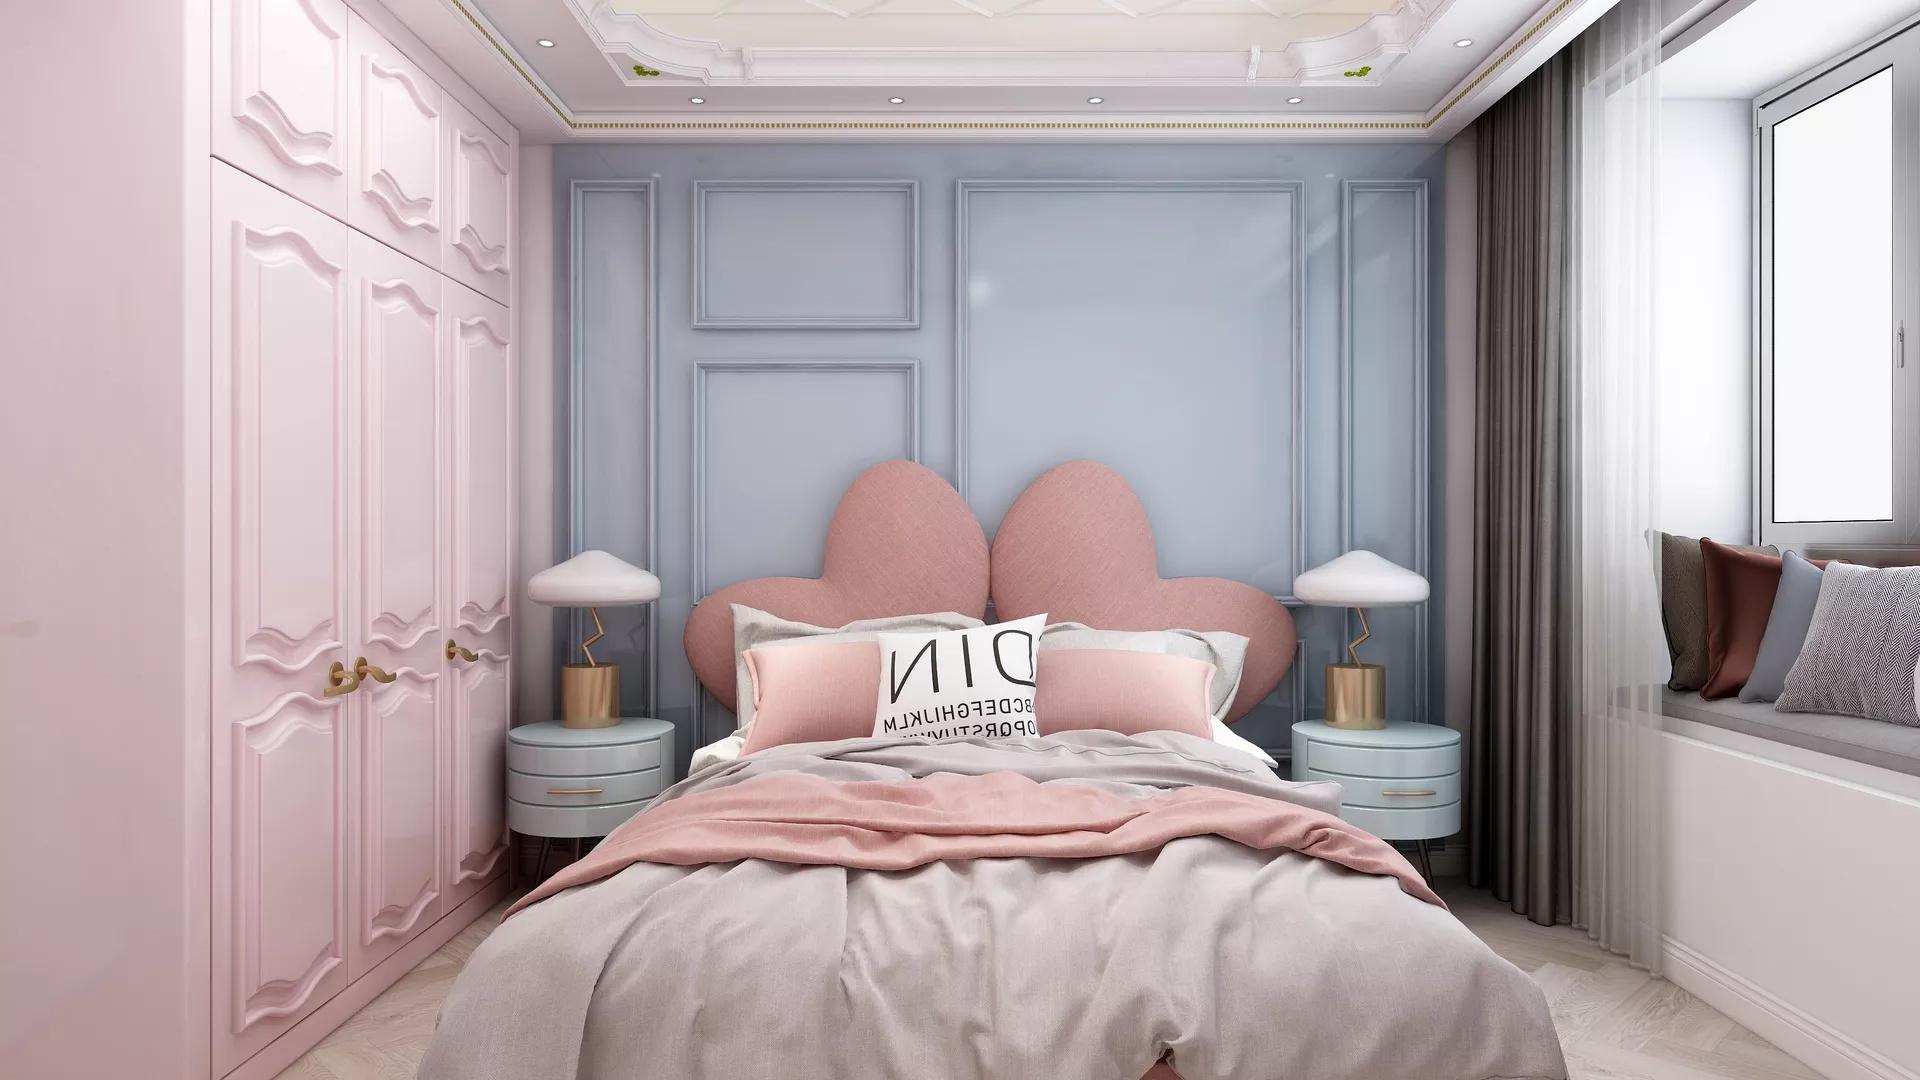 卧室,简约风格,简洁